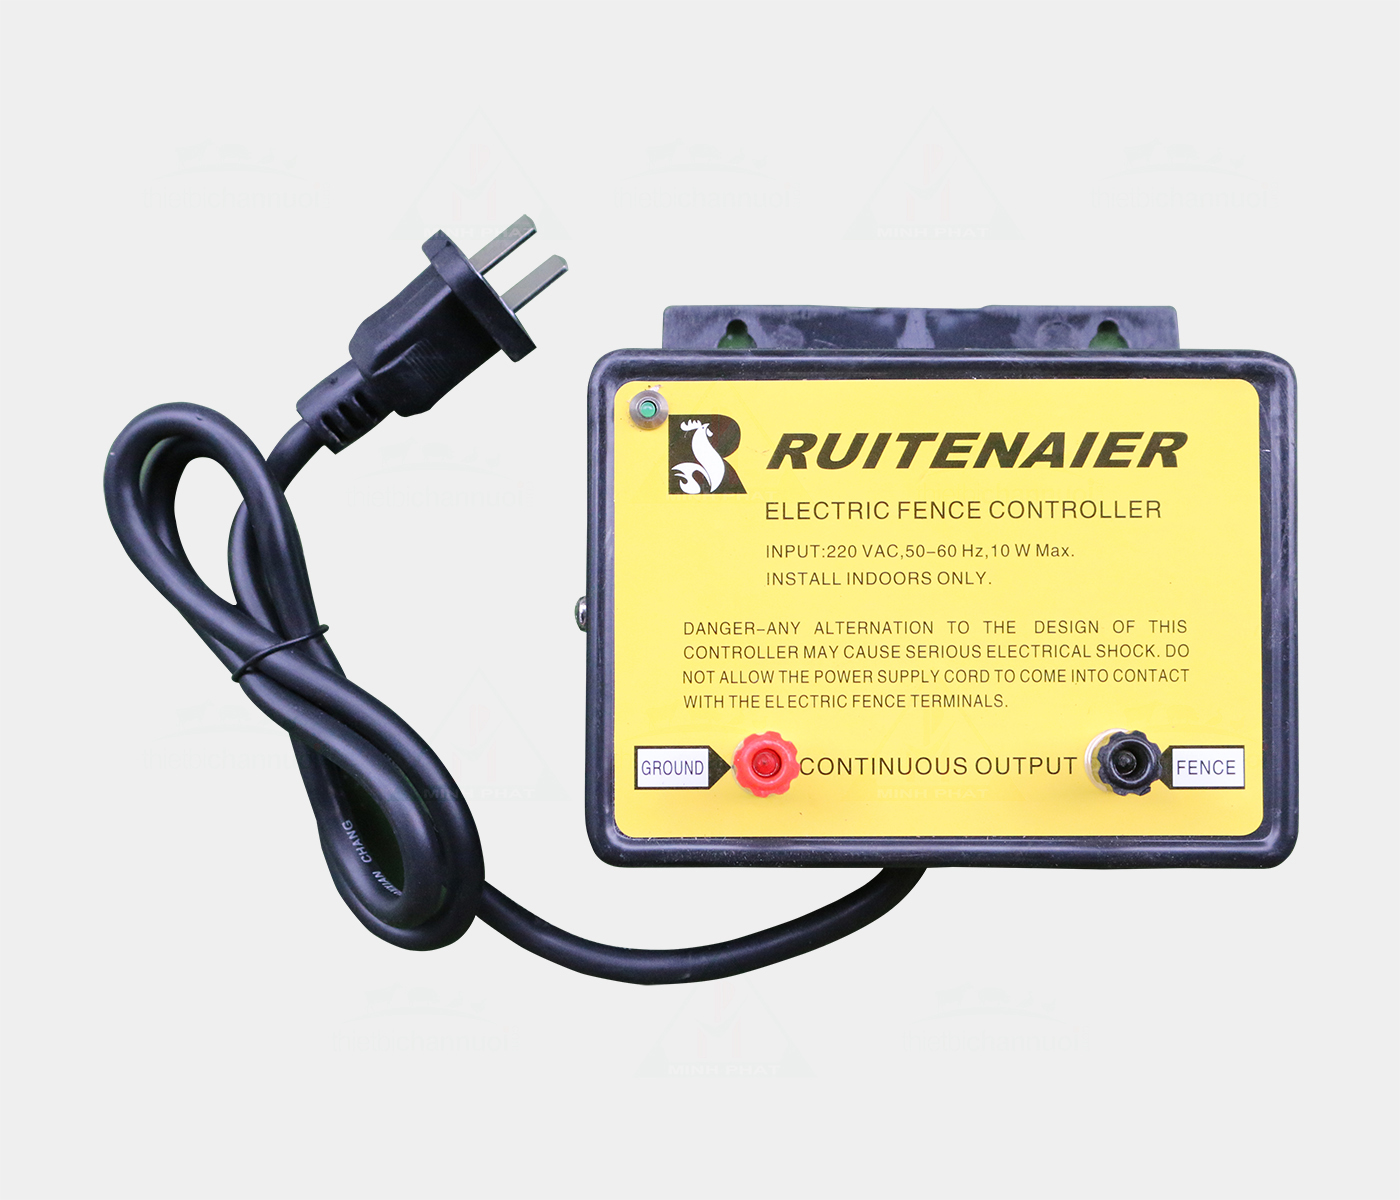 Bộ sóc điện(chống gà đậu) - Ruitenaier - HTU04